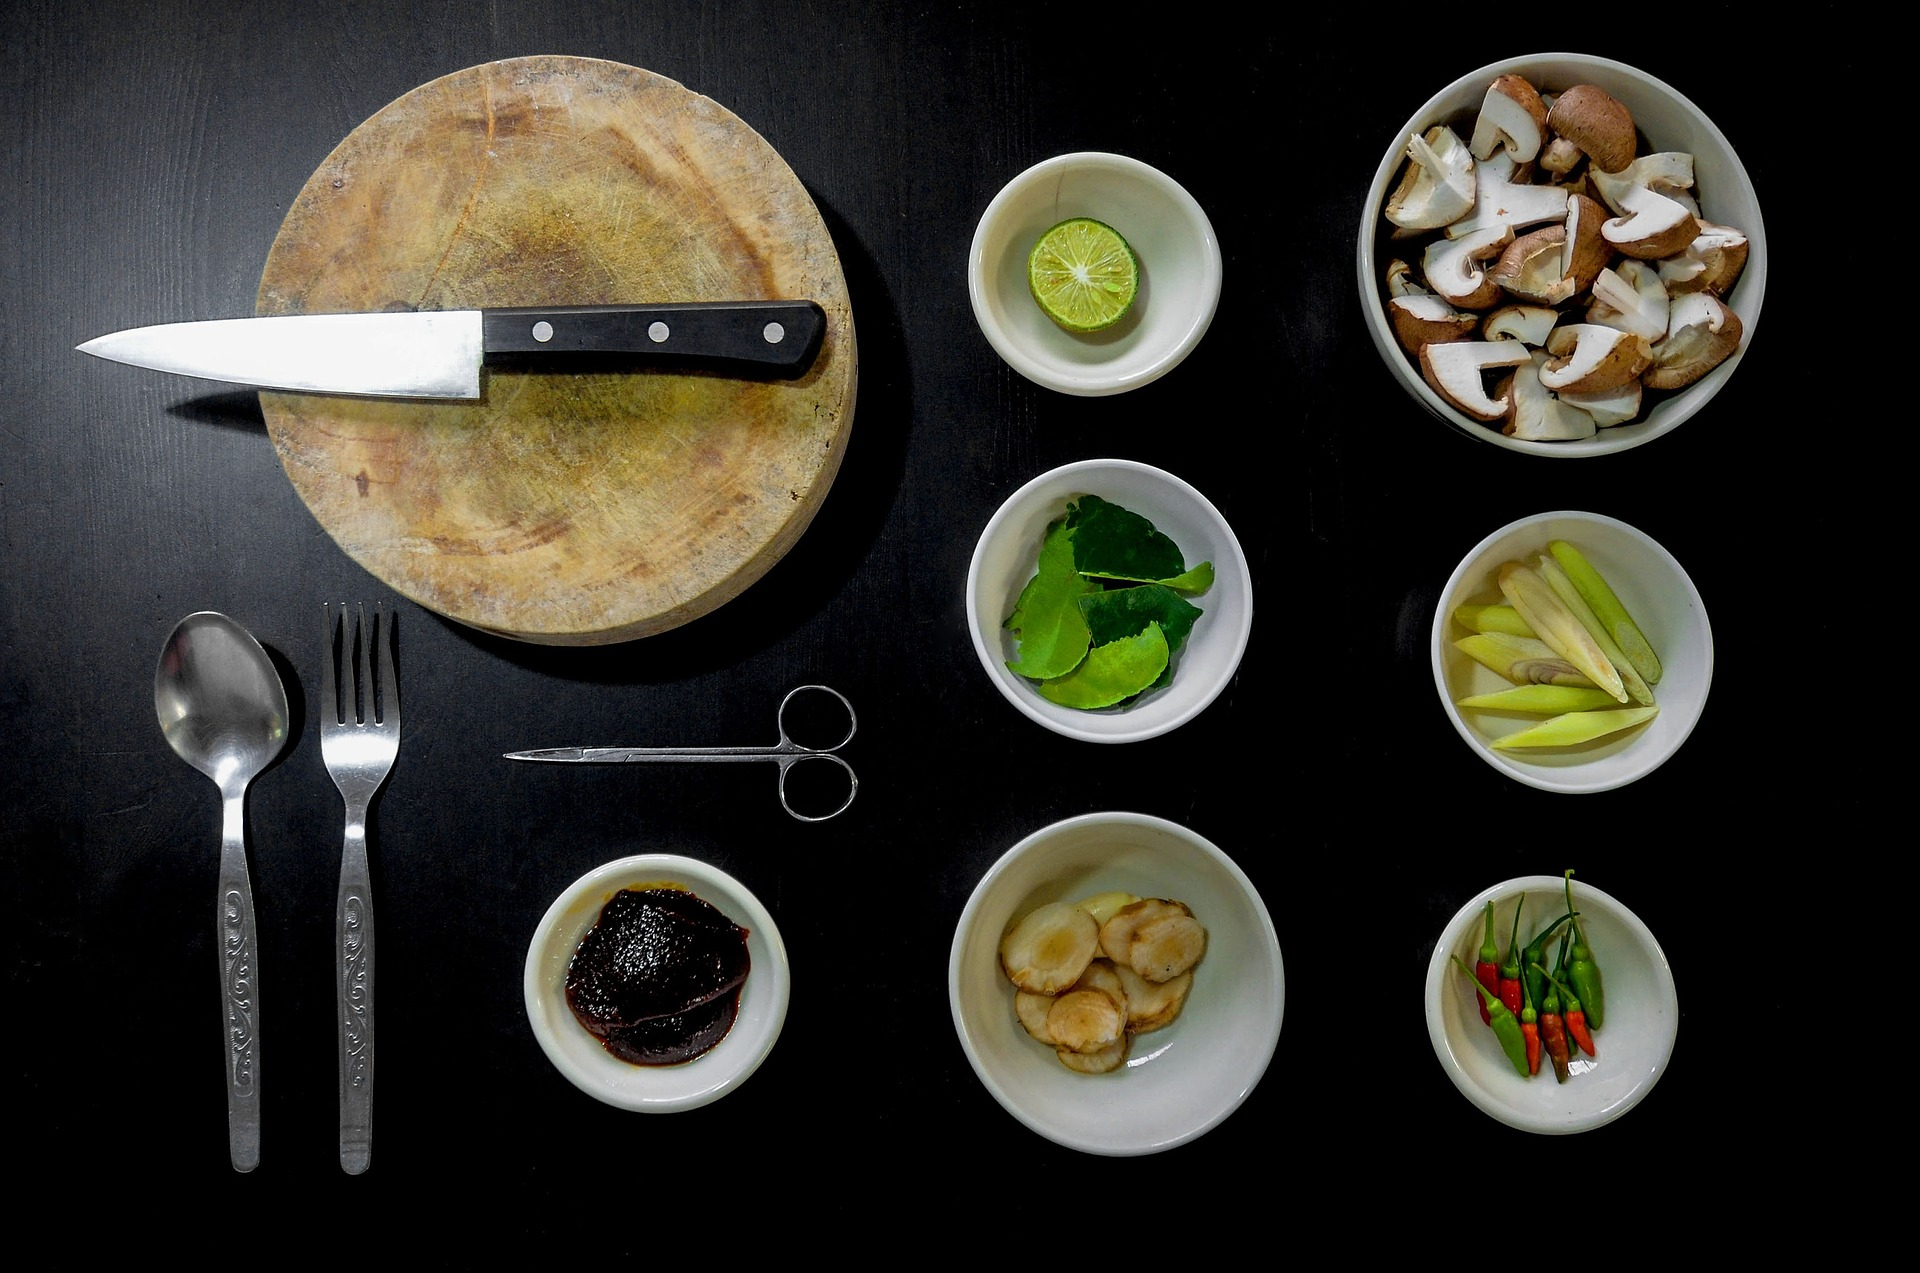 cours de cuisine paris recette culinaire atelier de cuisine. Black Bedroom Furniture Sets. Home Design Ideas